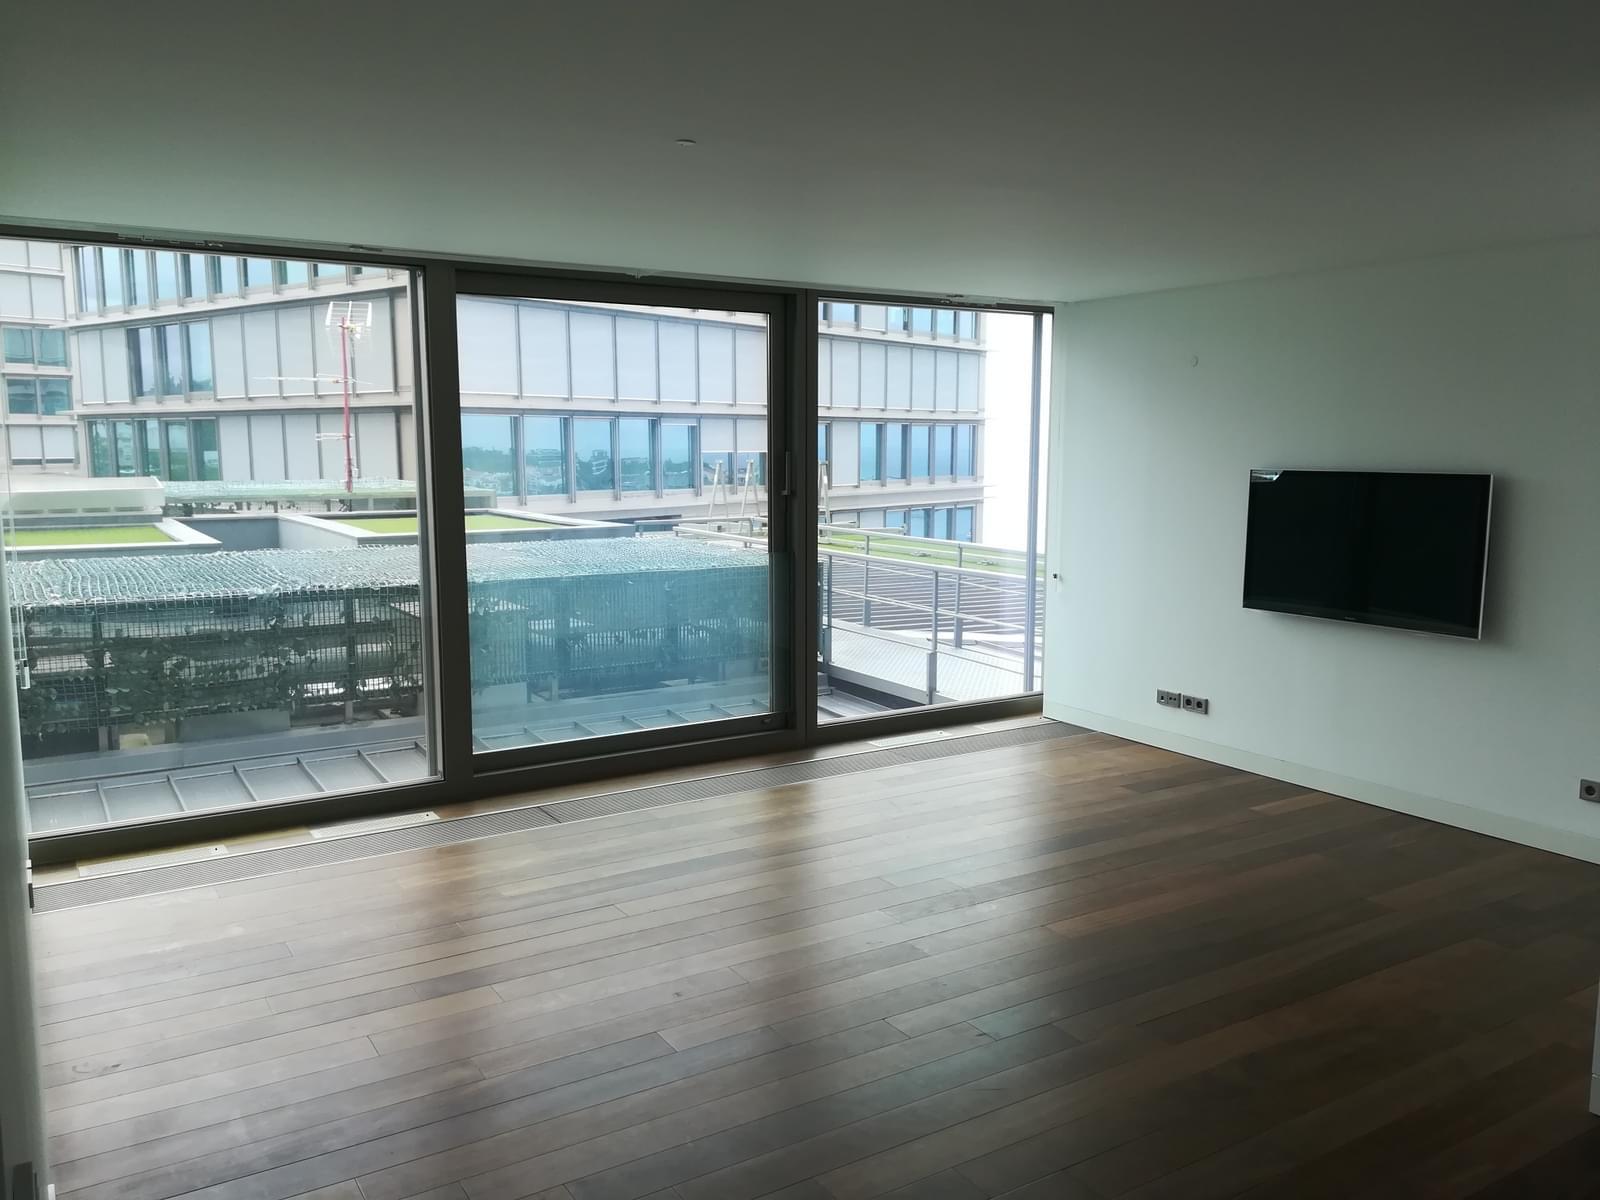 pf17354-apartamento-t1-cascais-9a1df852-ce65-4a1e-9031-54758794c683